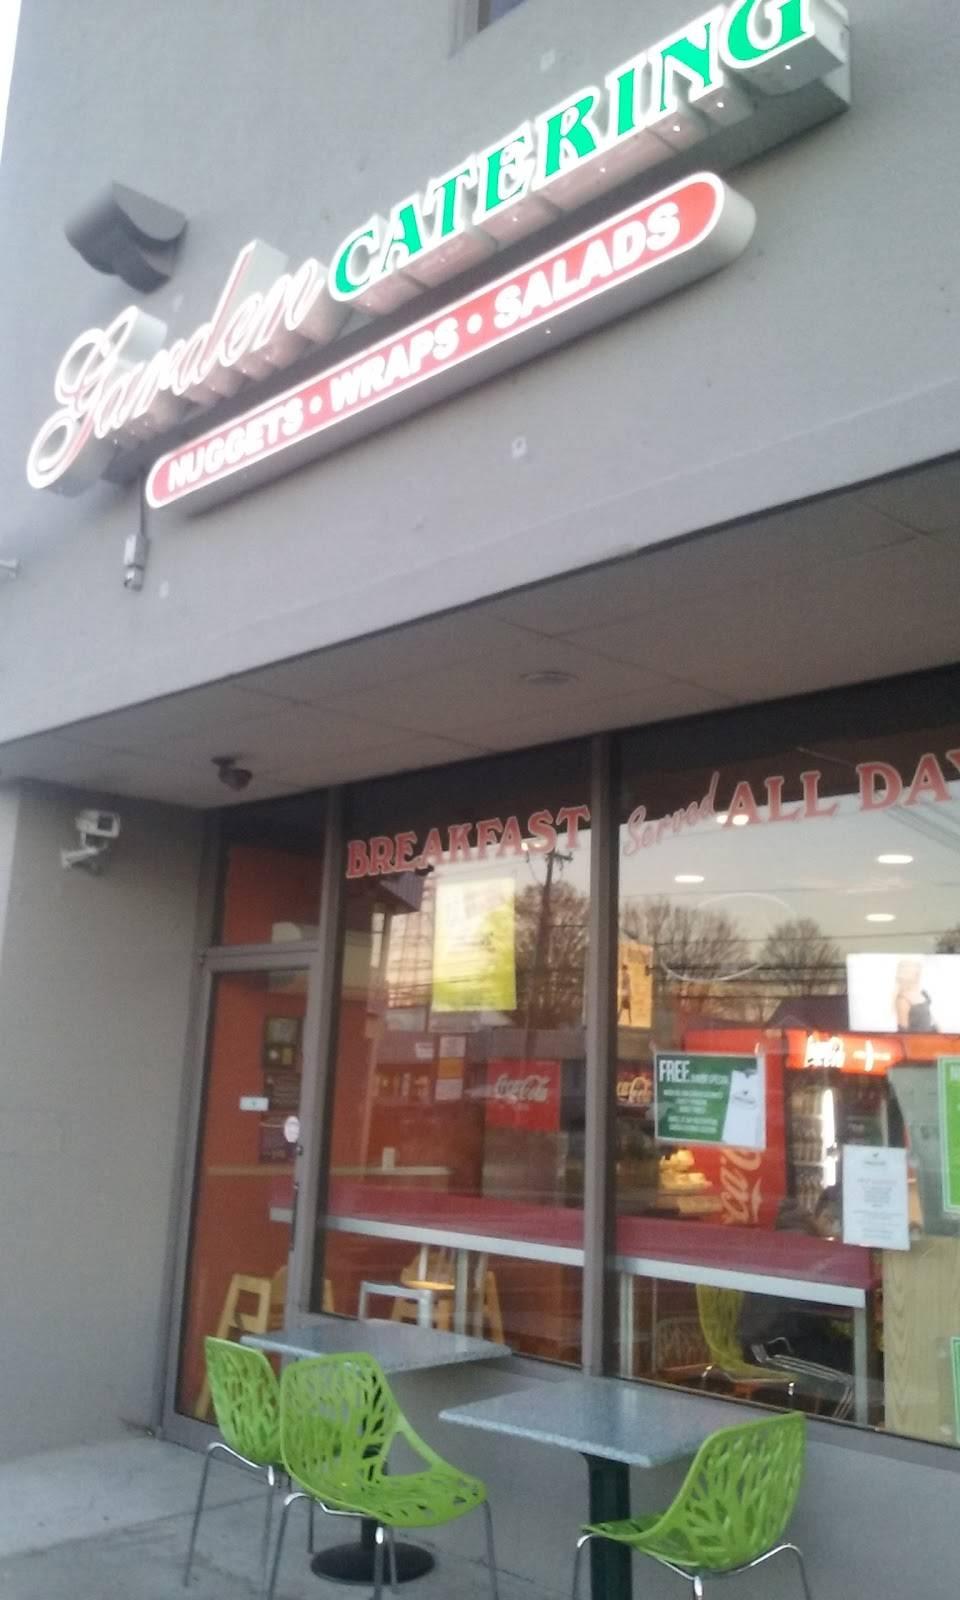 Garden Catering Norwalk Restaurant 314 Westport Ave Norwalk Ct 06851 Usa